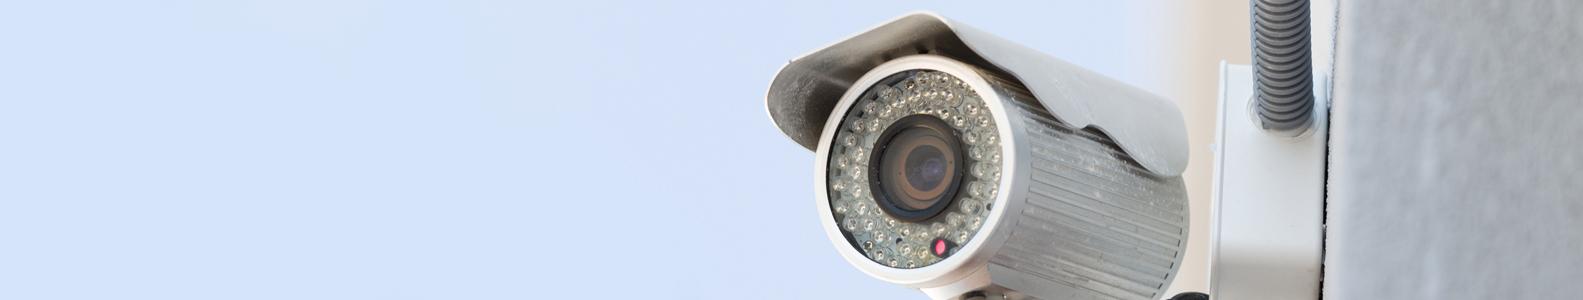 HD vaizdo kameros  Profesionalūs sprendimai ieškantiems HD vaizdo stebėjimo sistemų